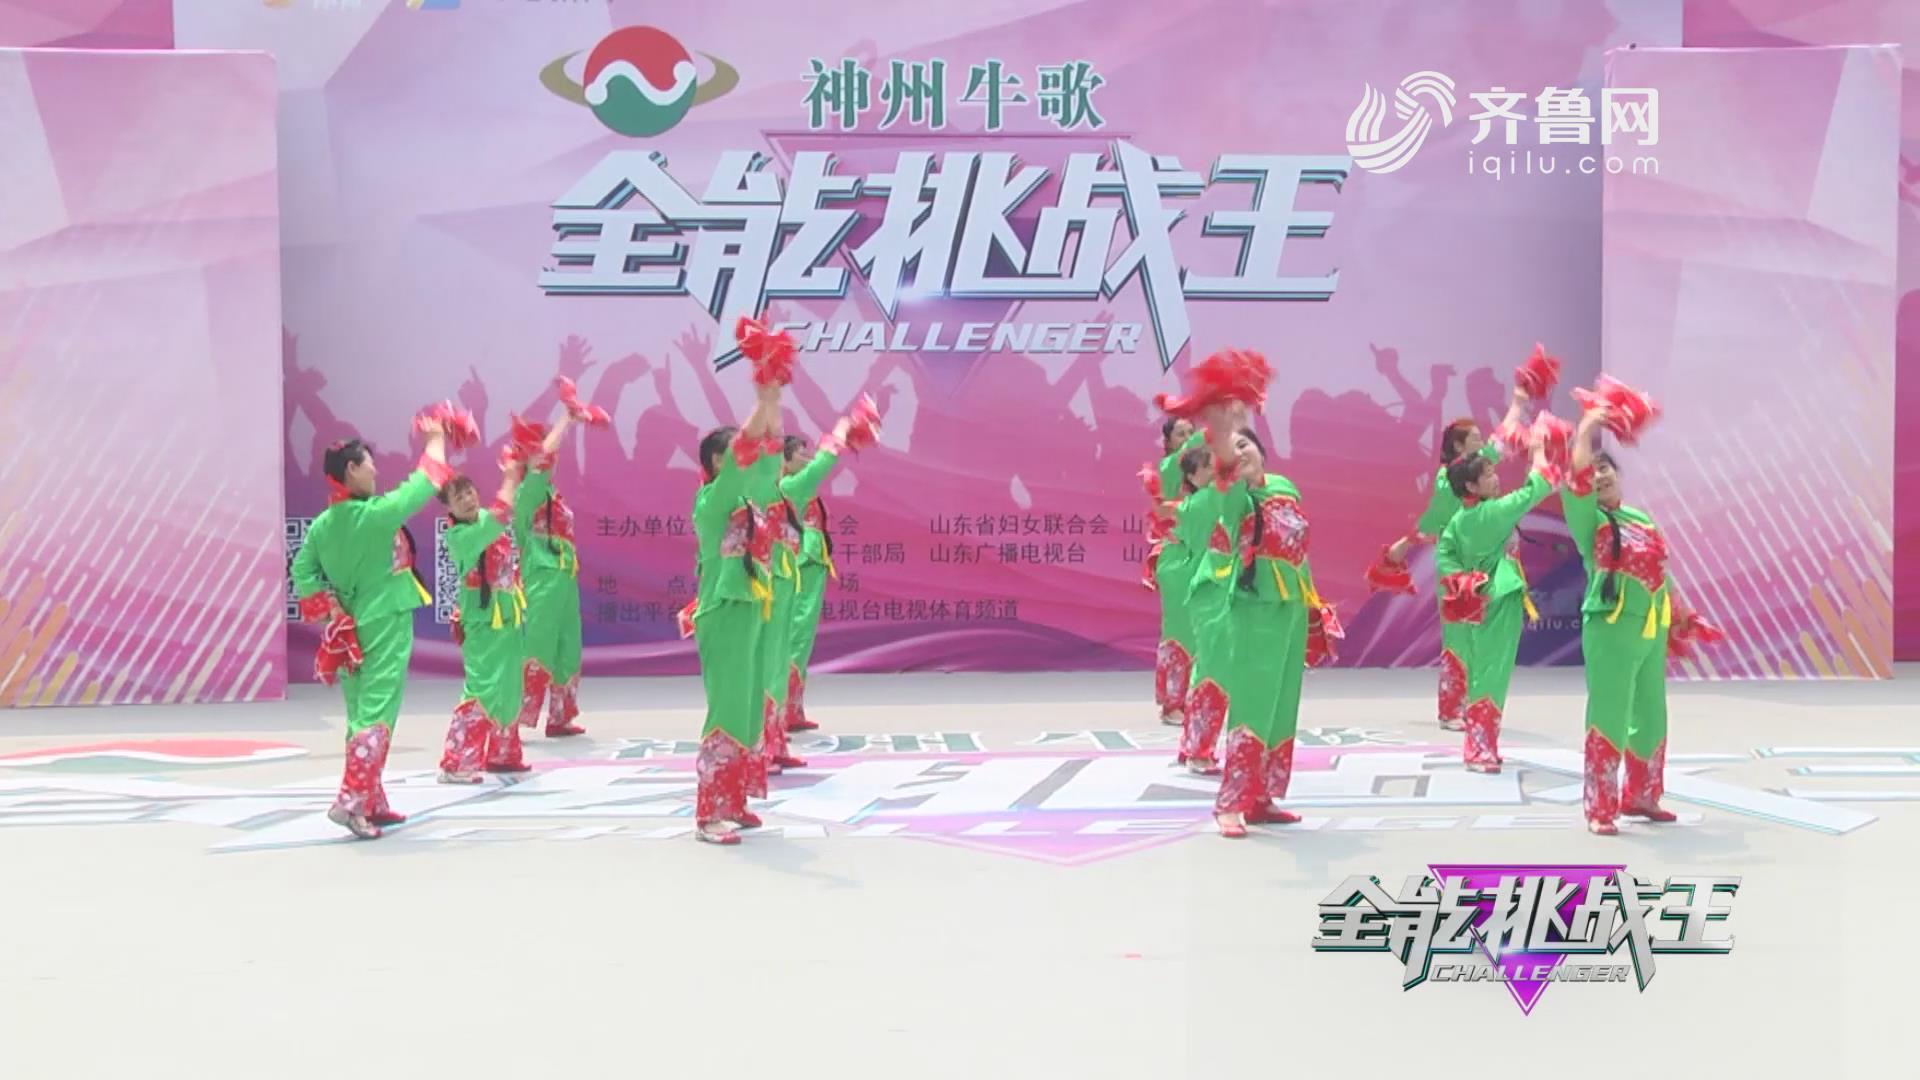 《全能挑战王》潍坊金凤凰艺术团表演《福门开好运来》